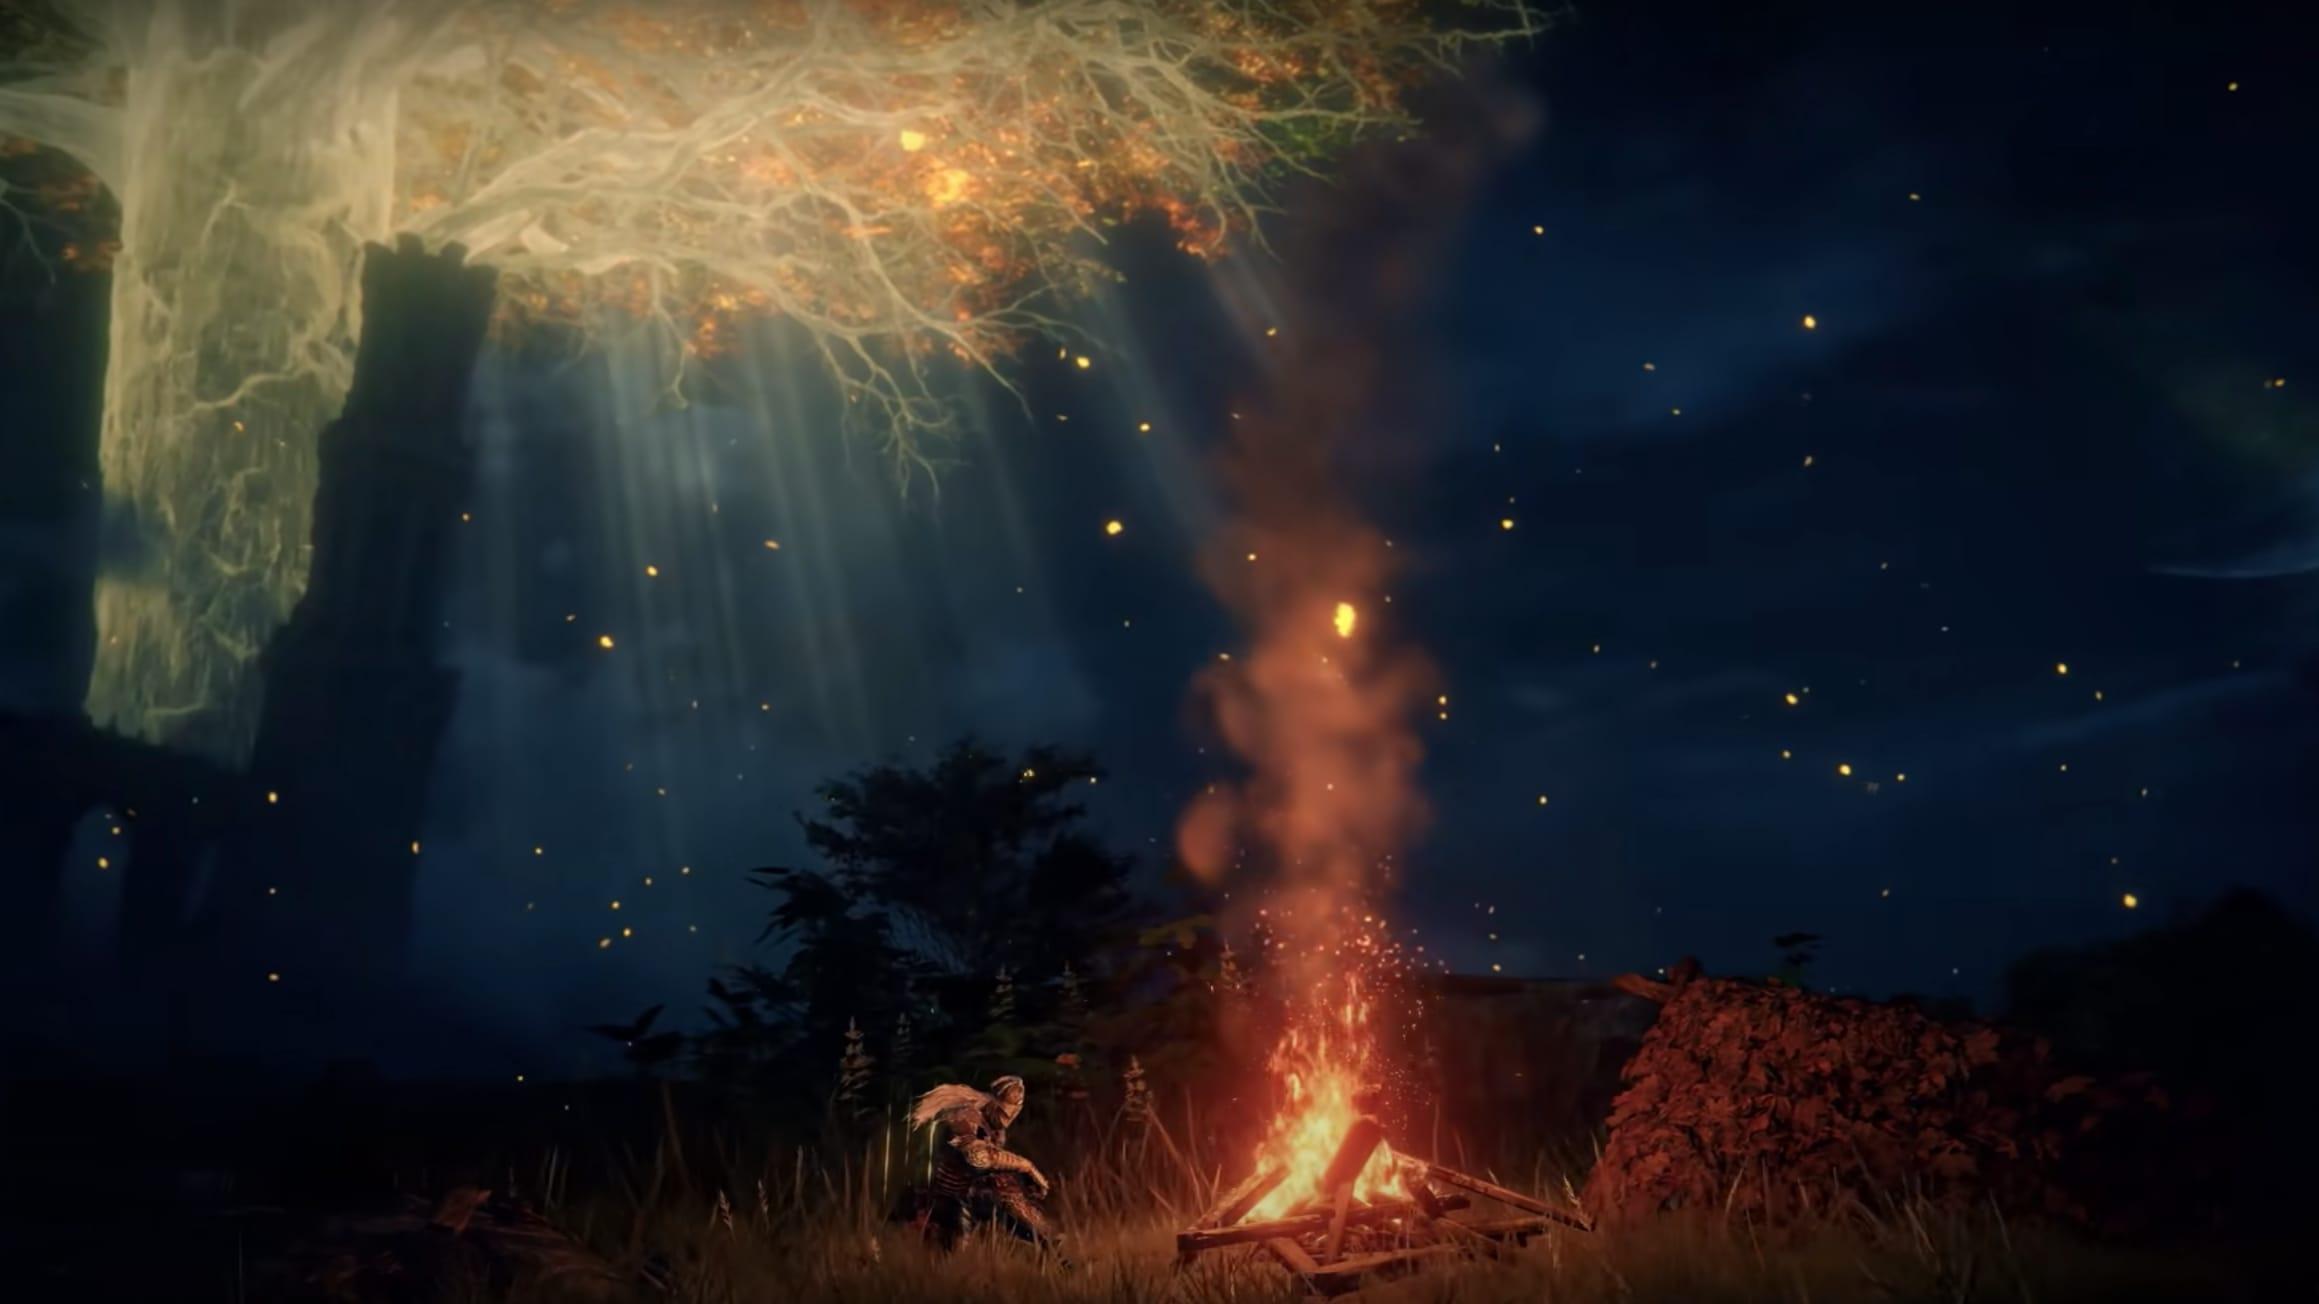 Kuvakaappaus Elden Ring -videopelin trailerista, jossa taistelija hyppää miekka kädessään kohti hirviötä.